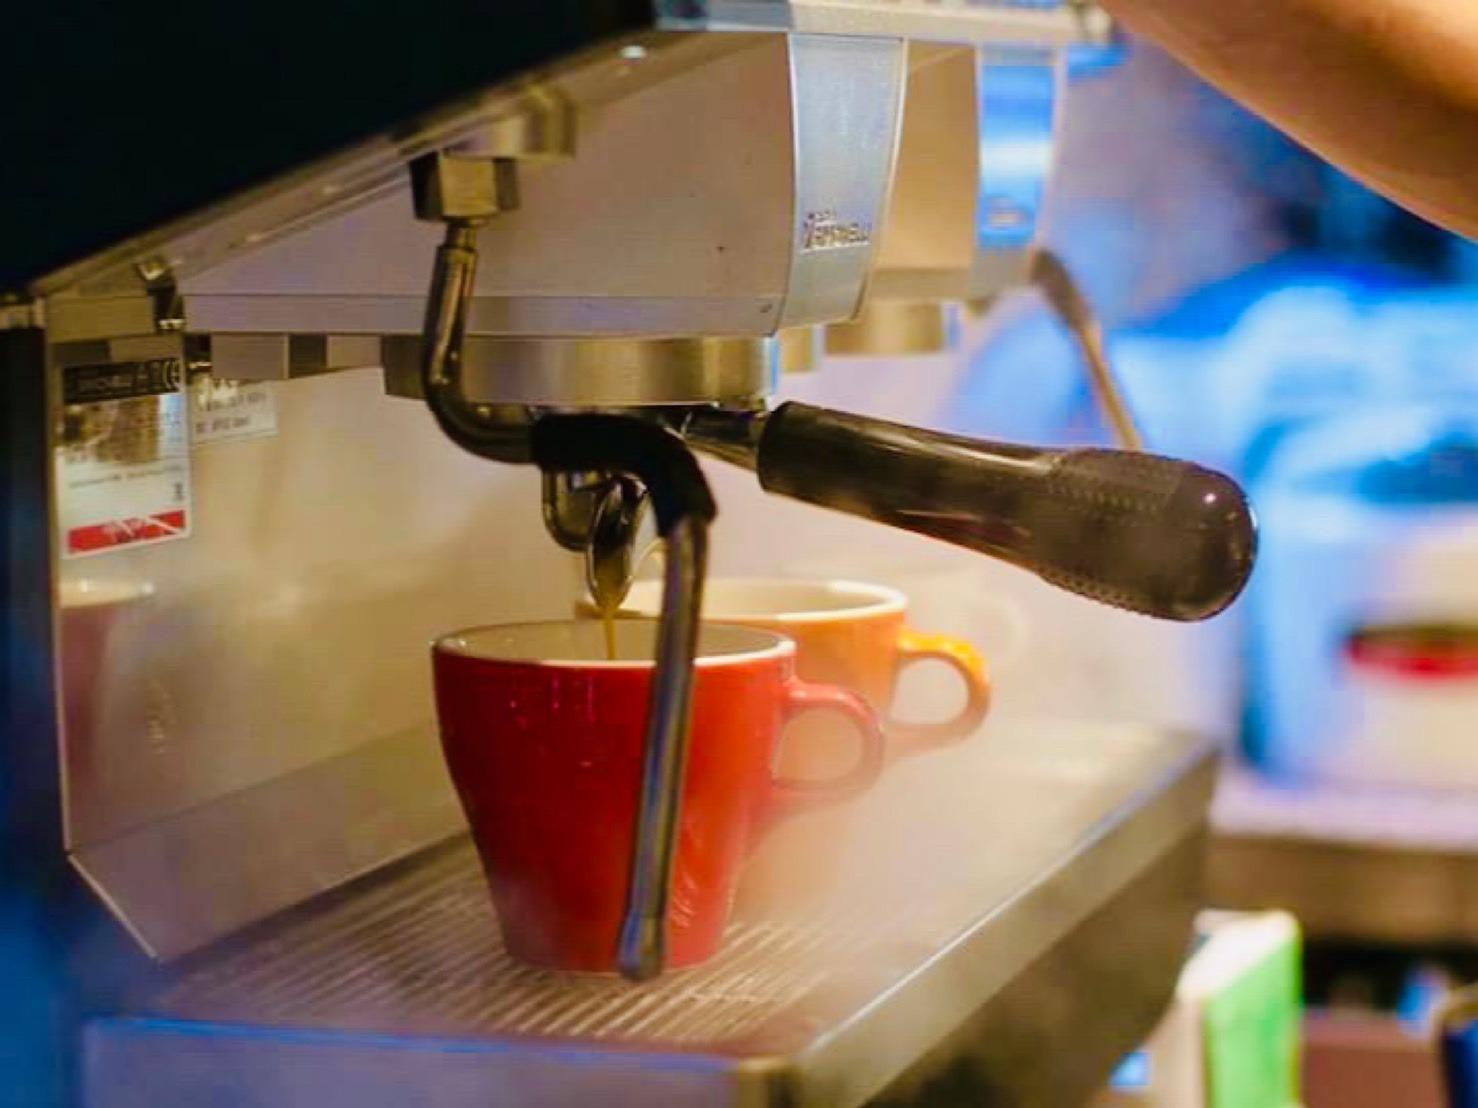 小樽の新しい文化「朝カフェ」をしませんか?